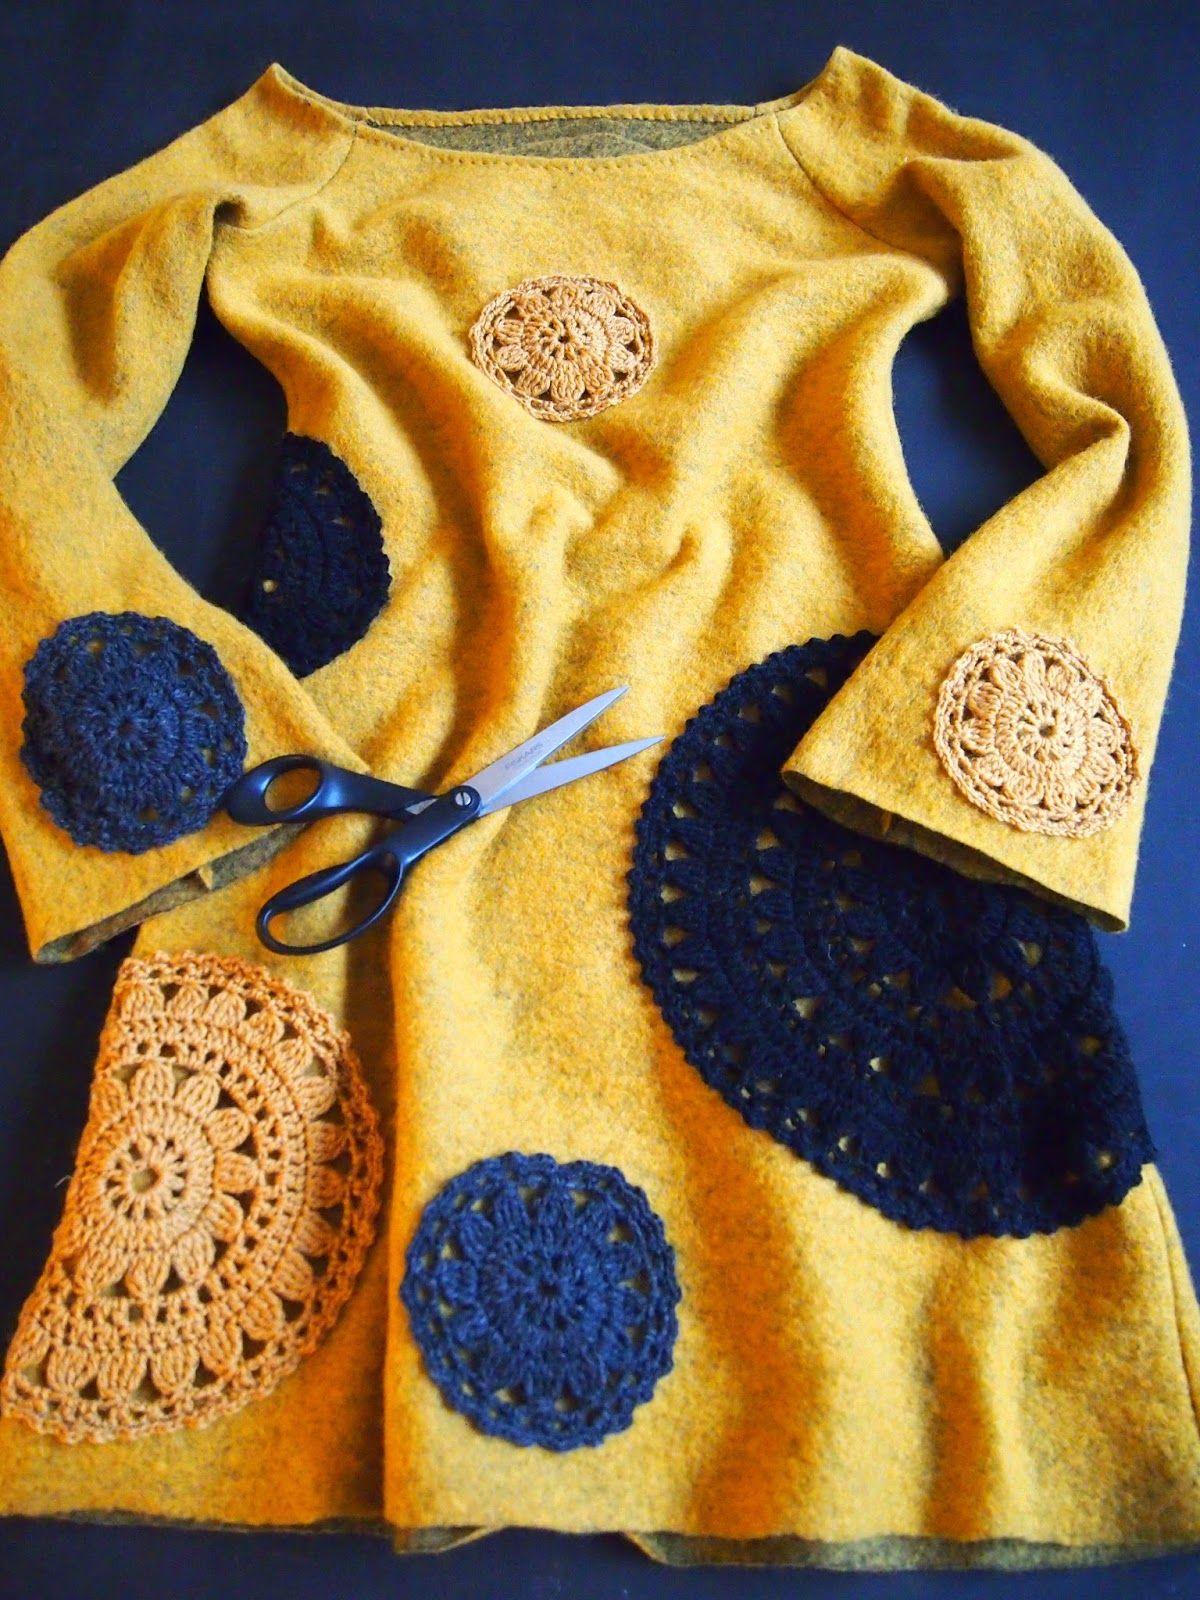 omⒶ KOPPA: Keltainen kukkaympyrämekko